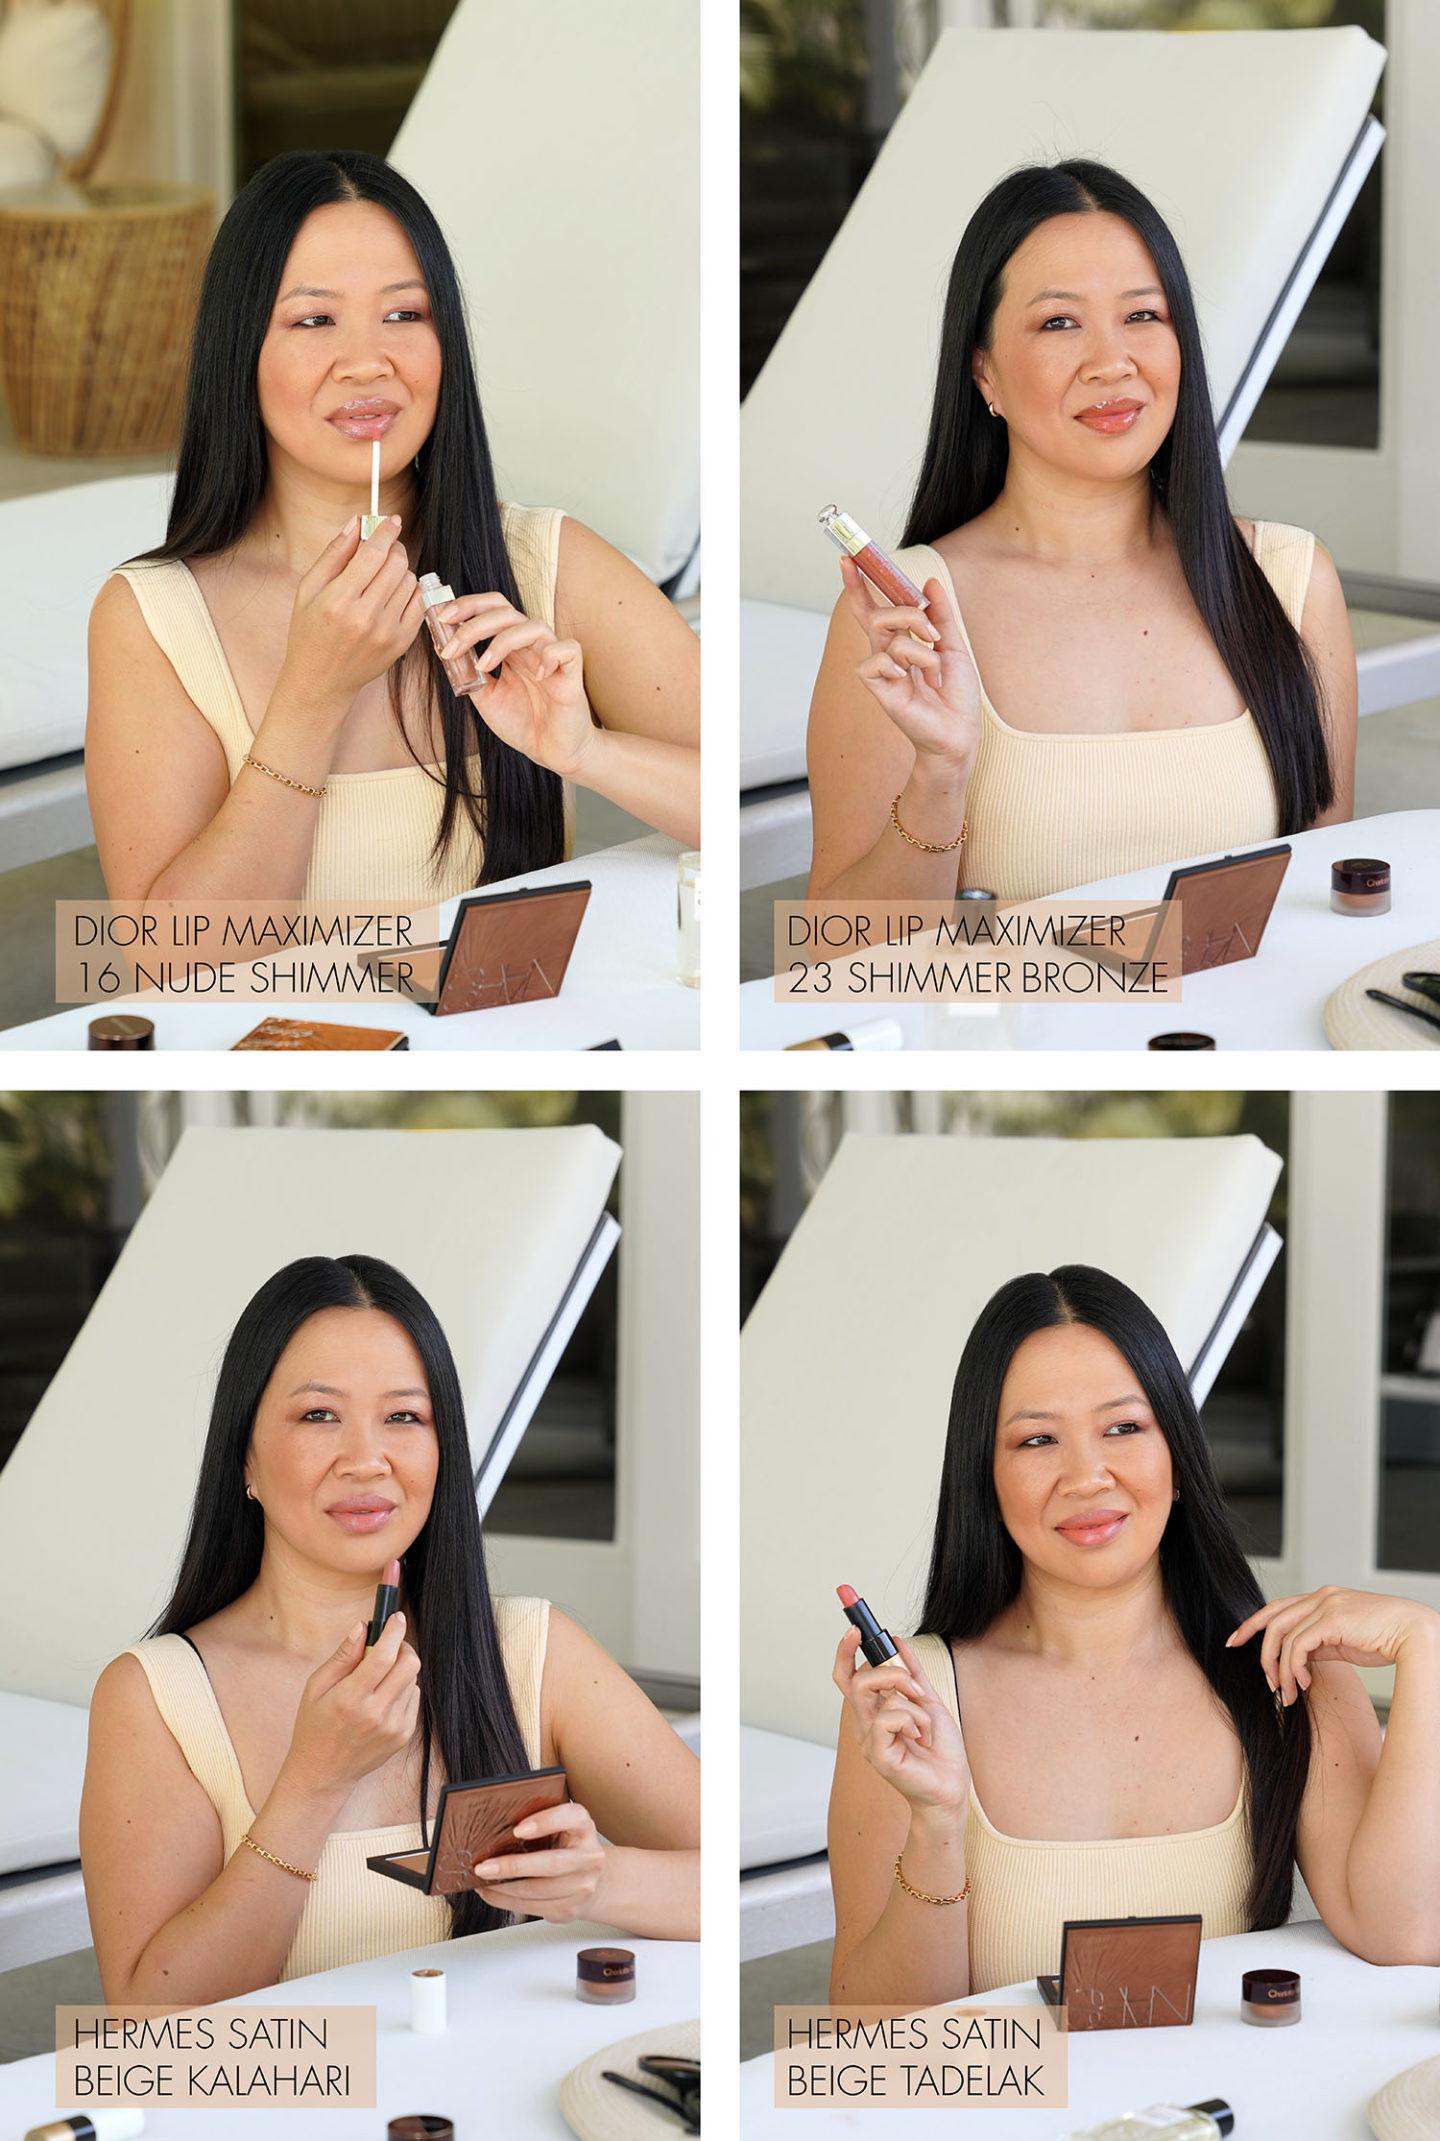 Dior Lip Maximizer Nude Shimmer, Bronze Shimmer, Rouge à lèvres Hermes Beige Kalahari et Beige Tadelak